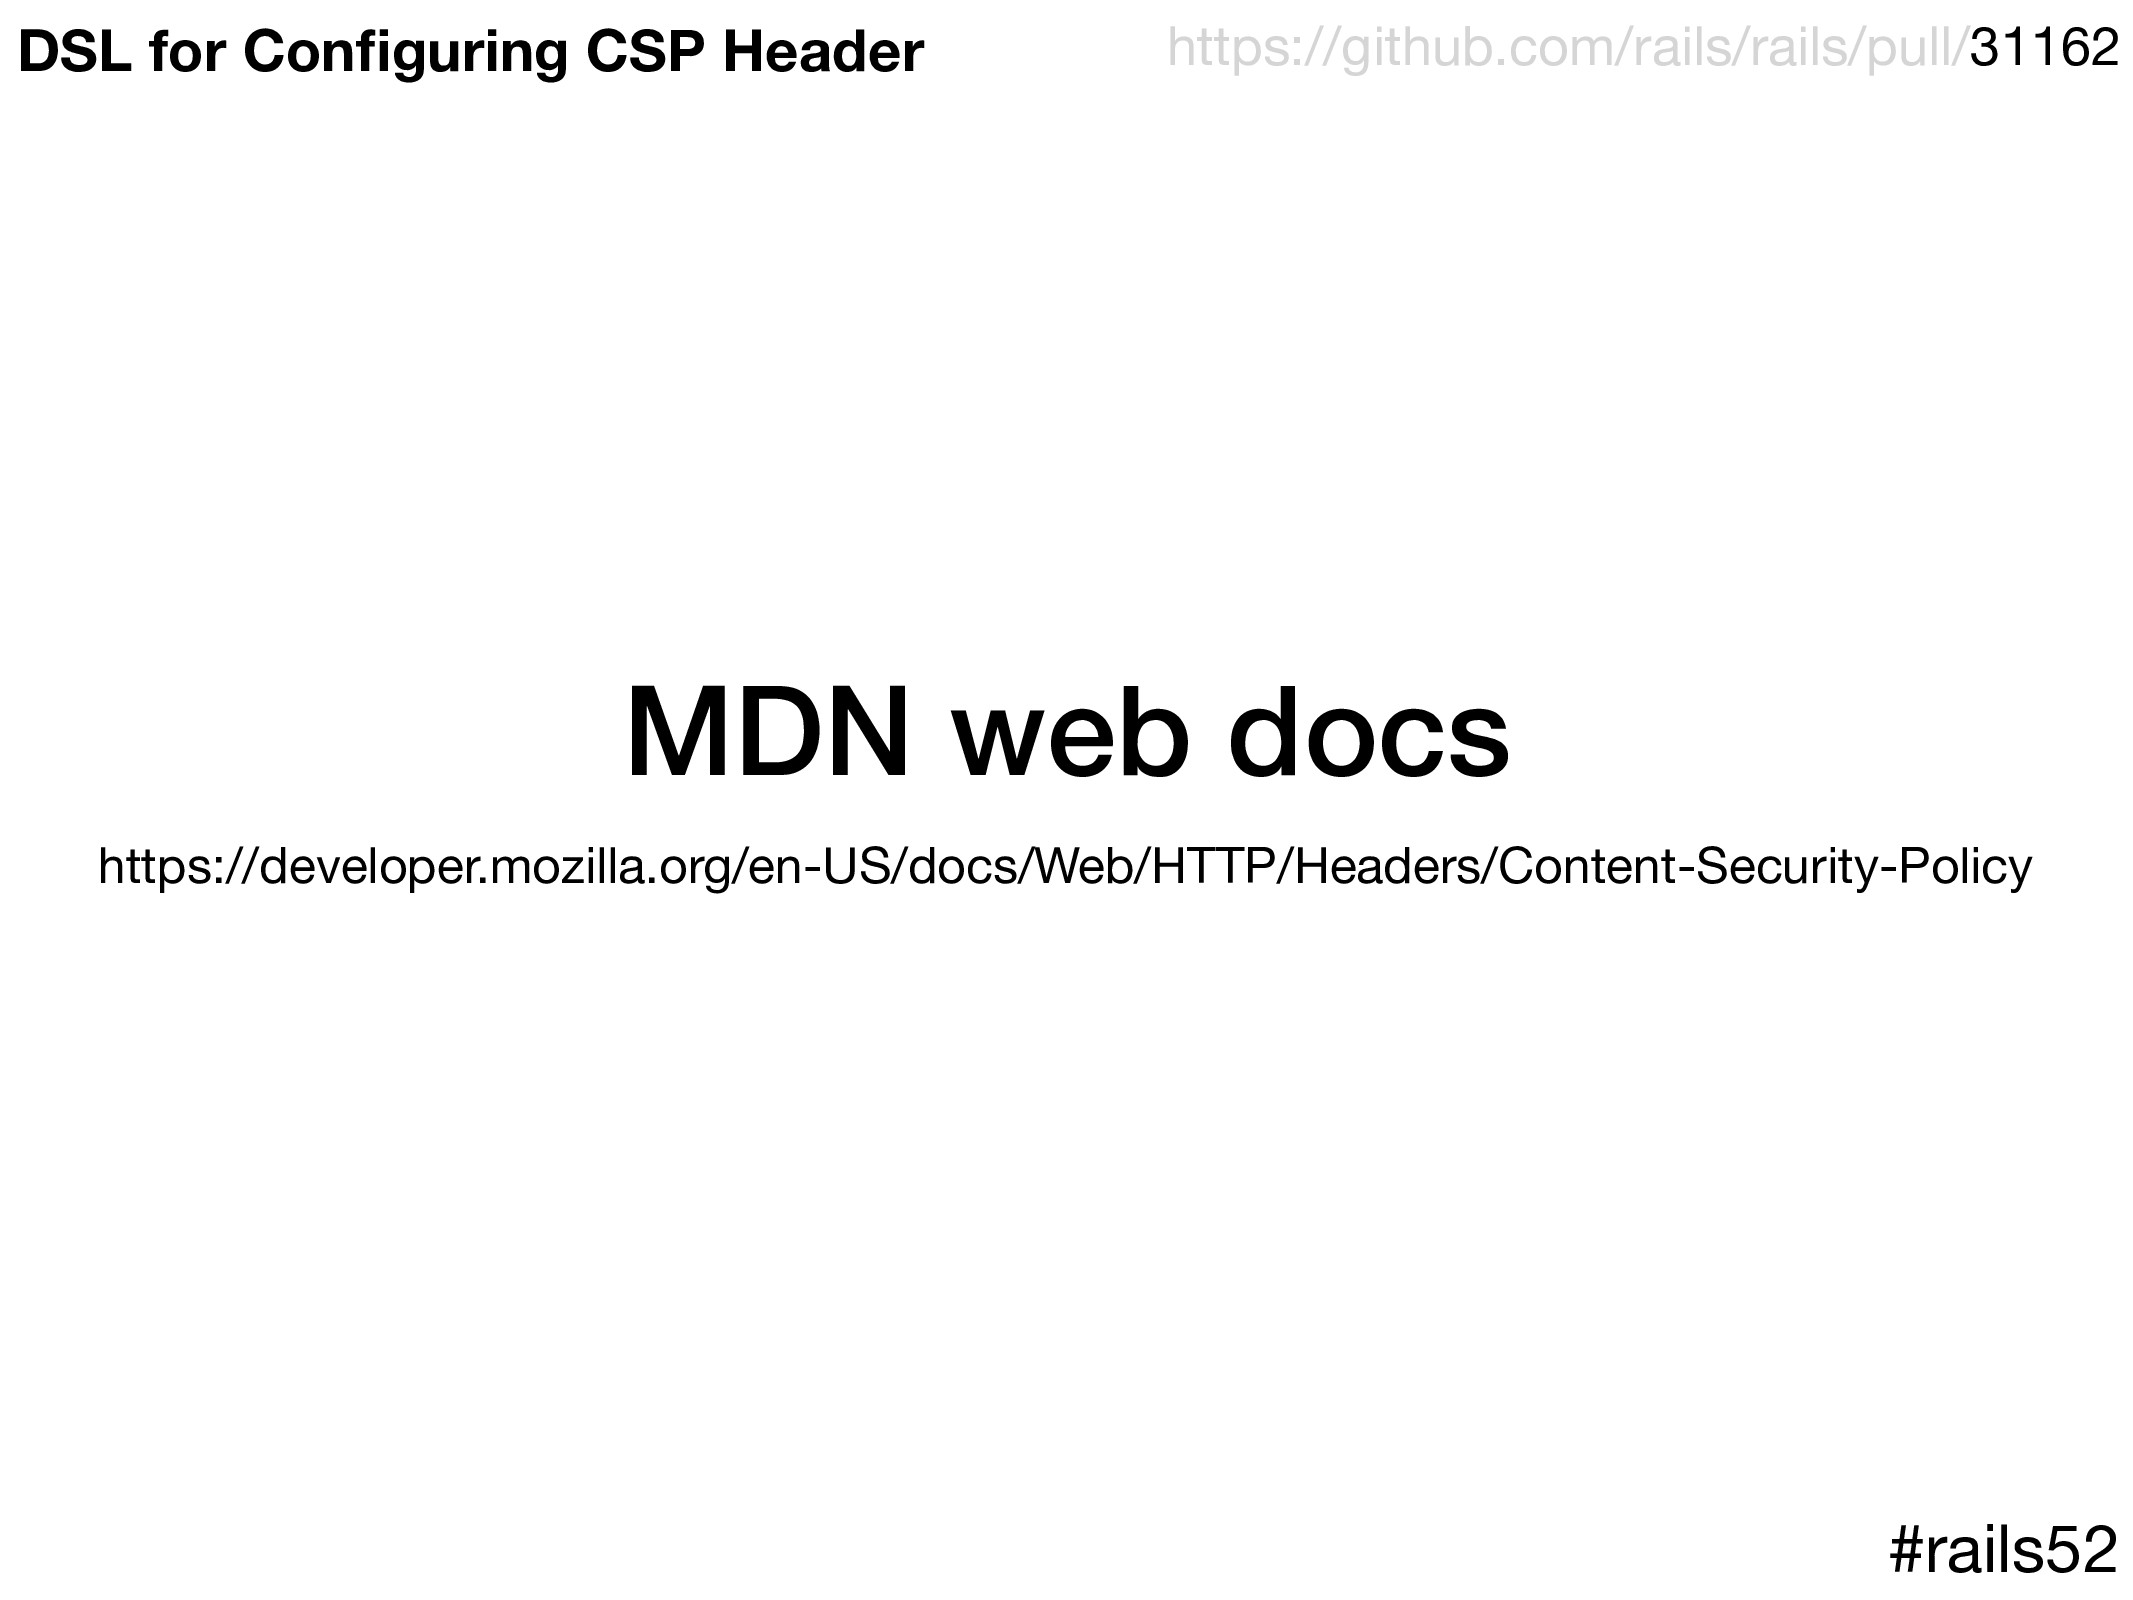 MDN web docs https://developer.mozilla.org/en-U...